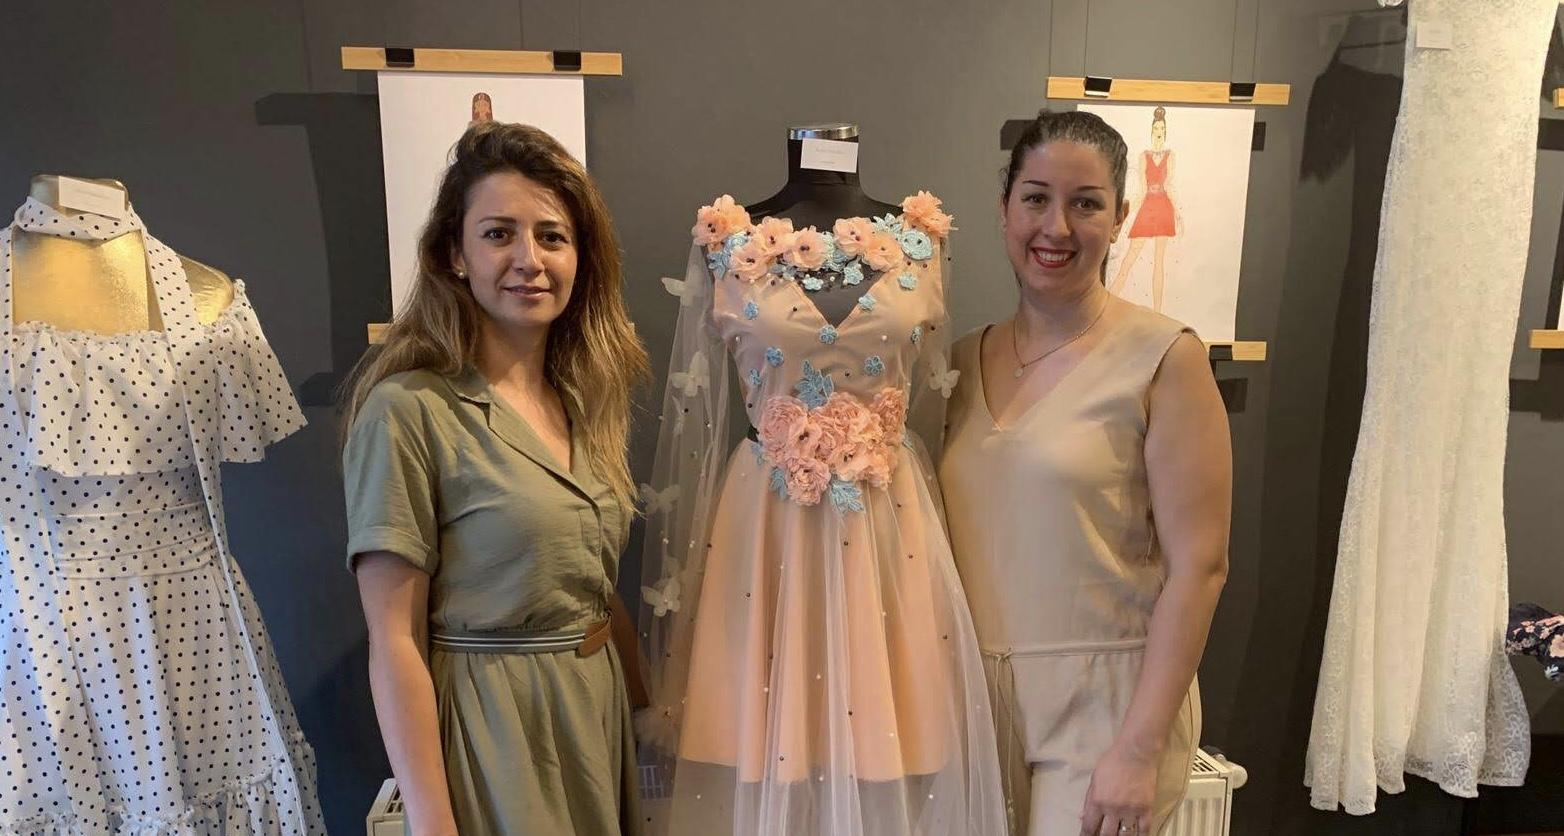 Atölye İzmir Moda Okulu Bitirme Sergisine Katılan Tüm Öğrencilerimizi Tebrik Ederiz